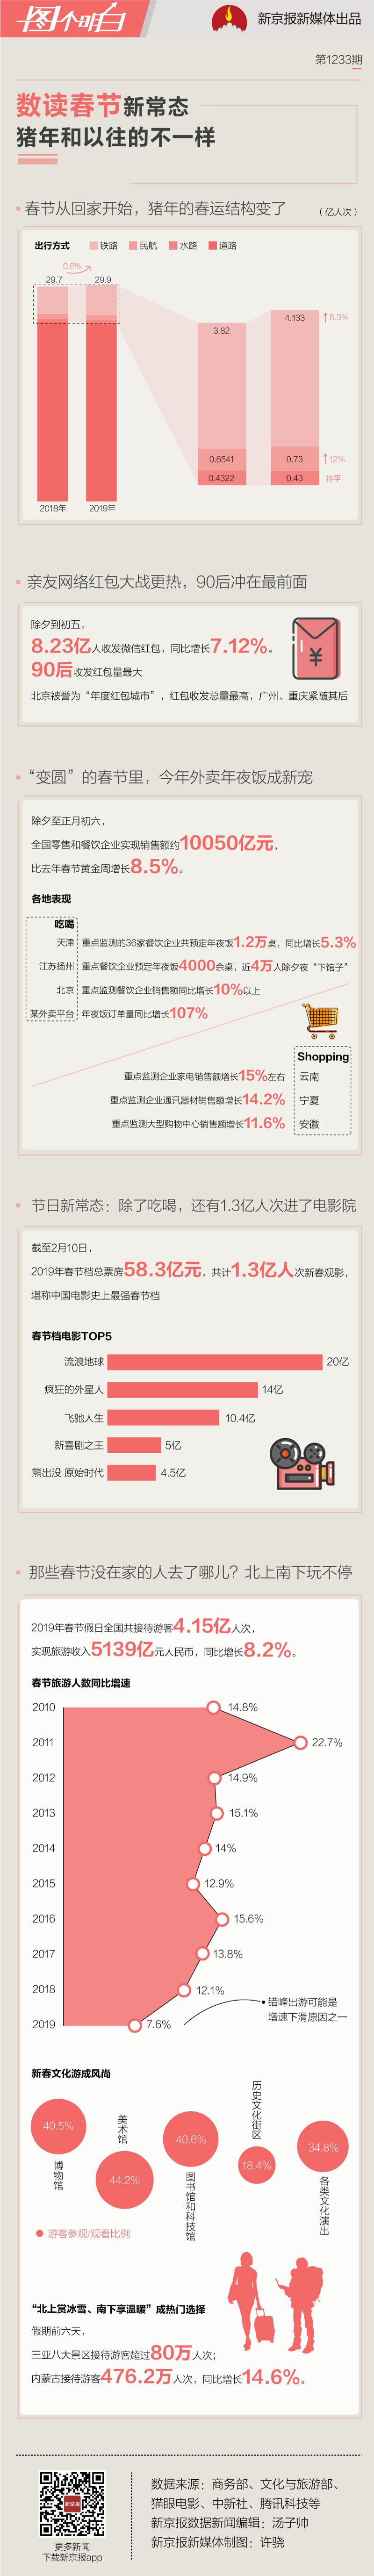 数读春节:外卖年夜饭订单翻倍、1.3亿人次进影院